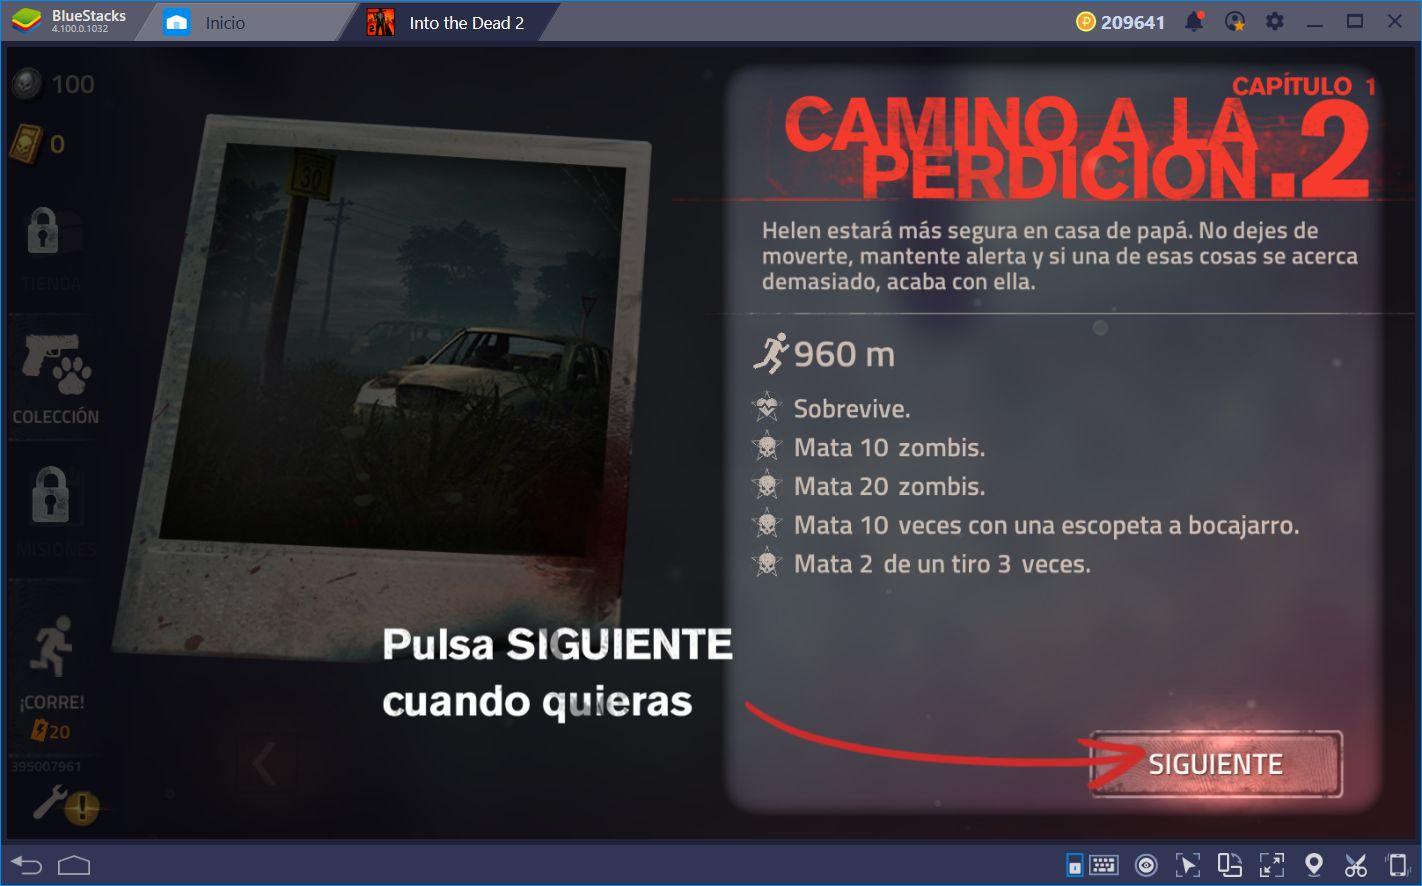 Into the Dead 2: Acción de Disparos Sobre Rieles